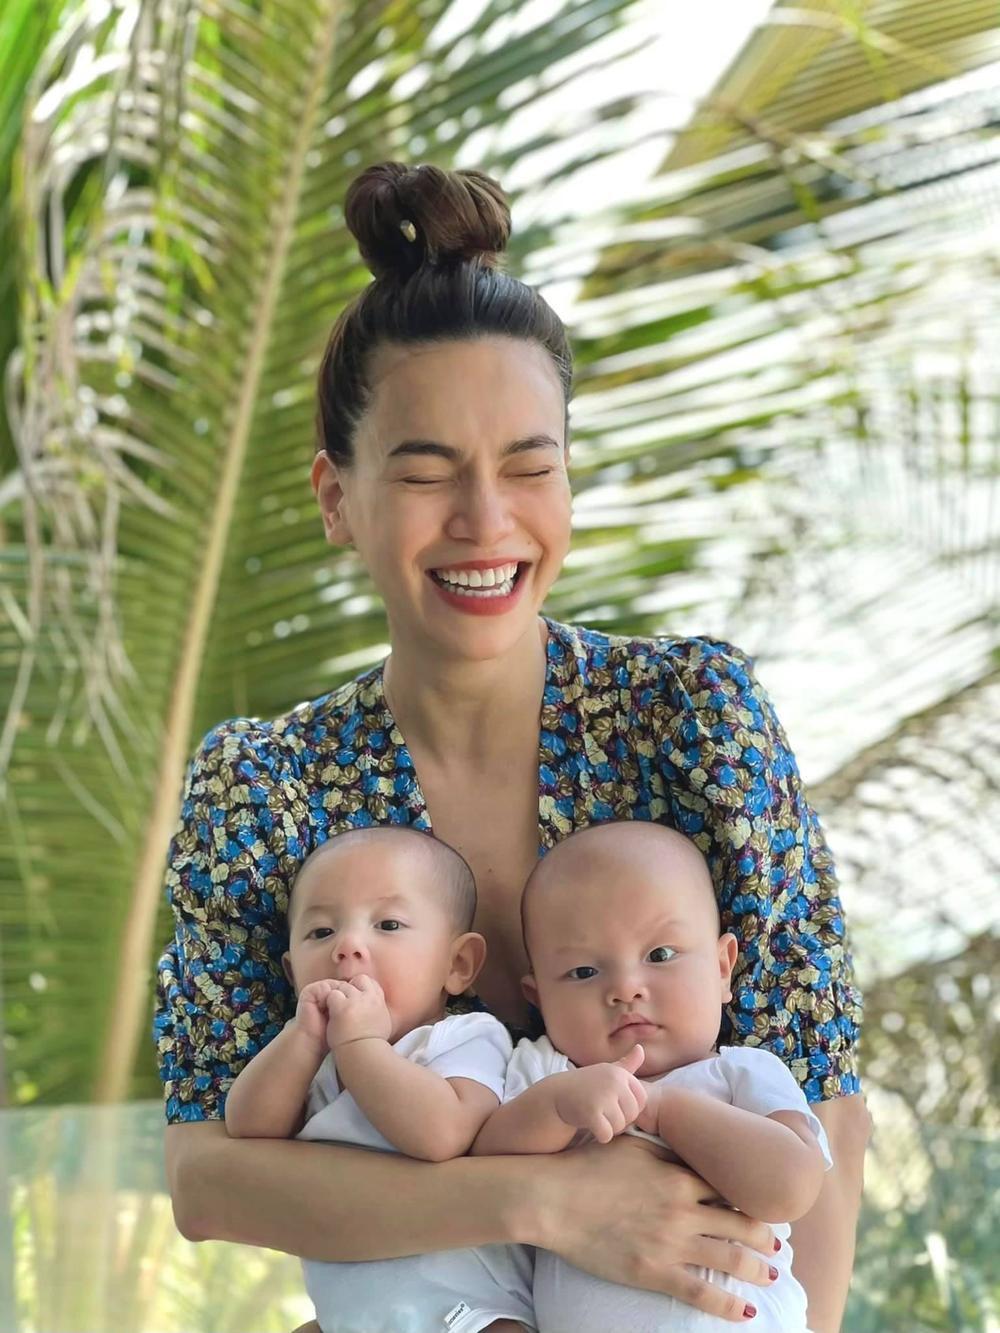 Con trai út nhà Hà Hồ - Leon ngạc nhiên tột độ khi nghe siêu hit 8 tỷ view Baby Shark 'xào nấu' tên mình Ảnh 8